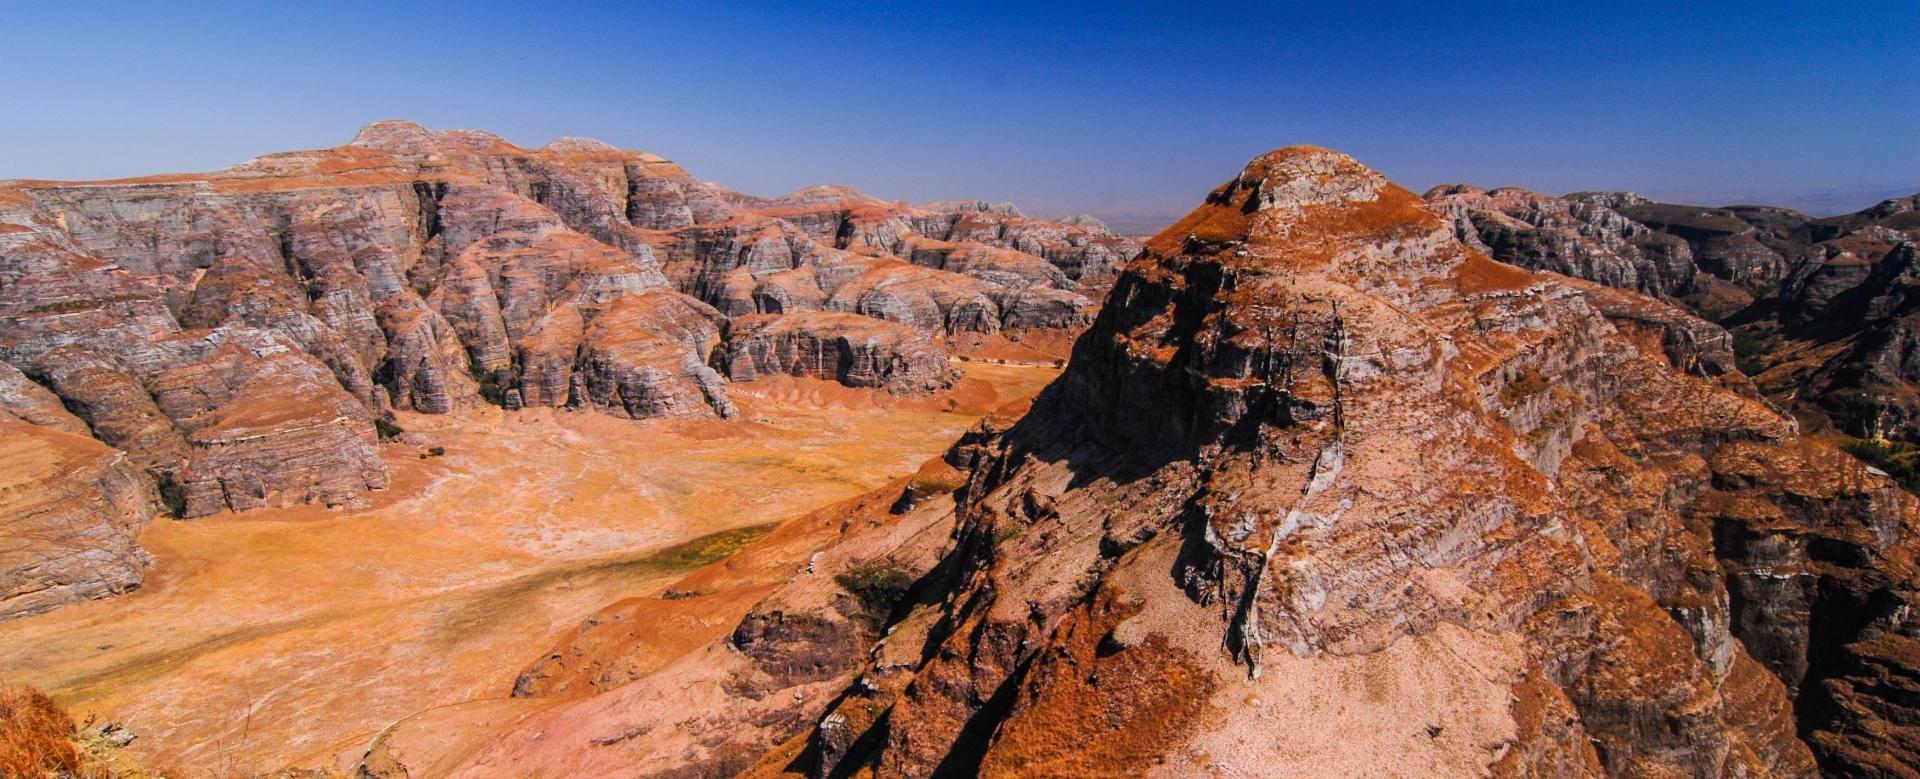 Voyage à pied Madagascar : Les plus beaux treks de madagascar